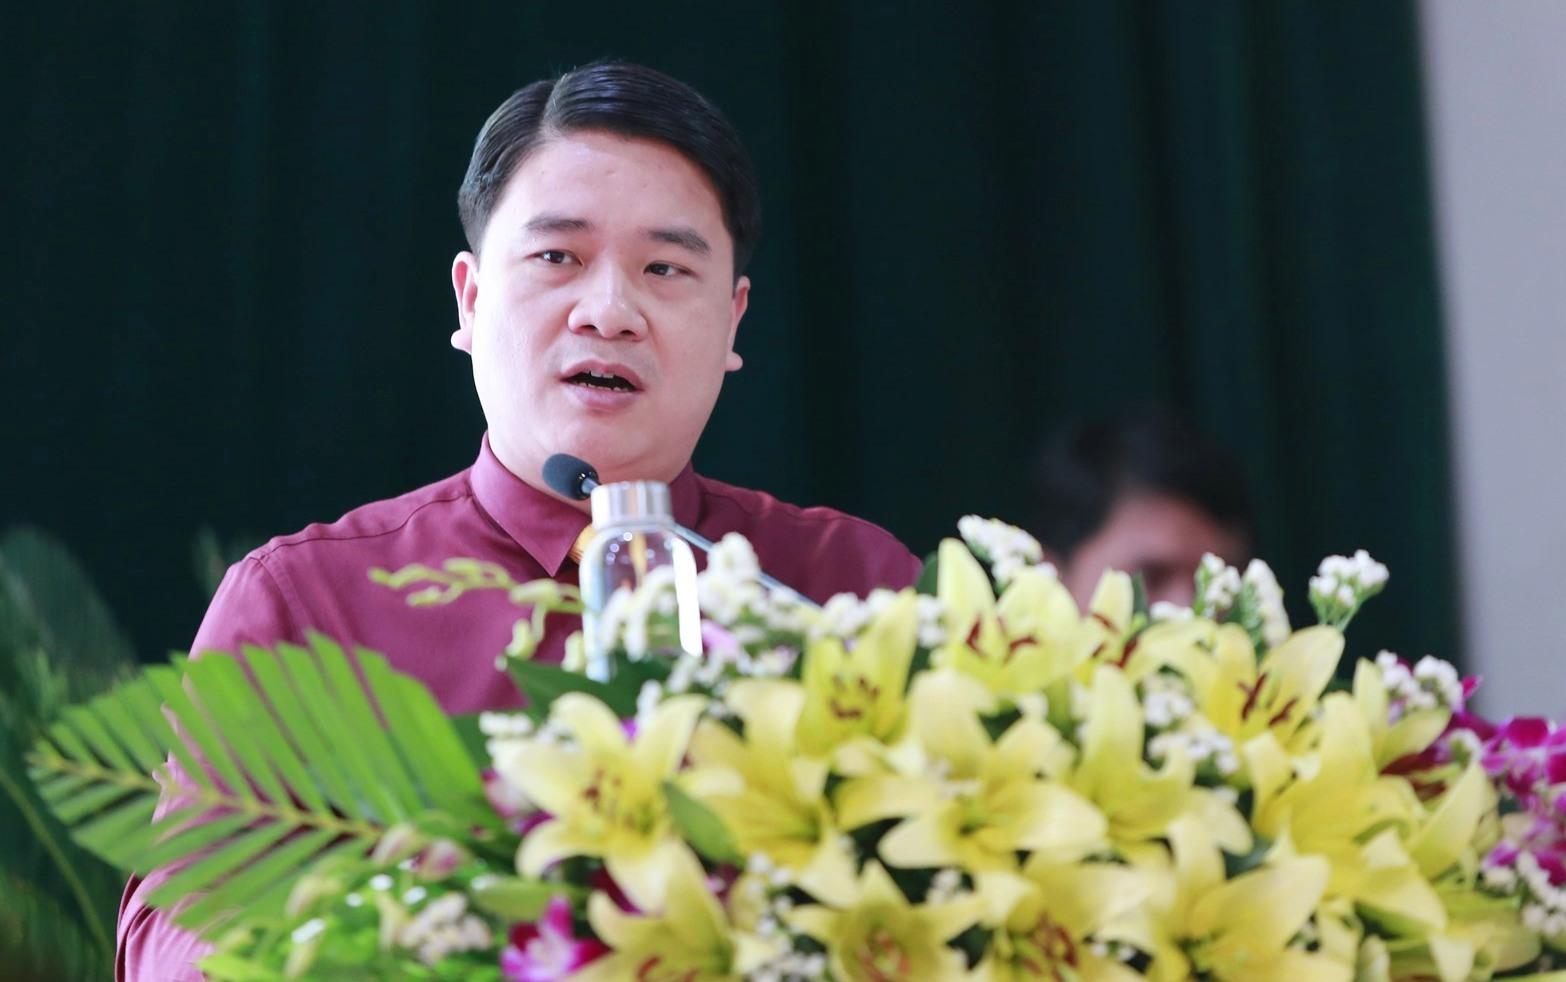 Phó Chủ tịch UBND tỉnh Trần Văn Tân đánh giá cao những nội dung tham luận, thảo luận tại hội thảo. Ảnh: C.V